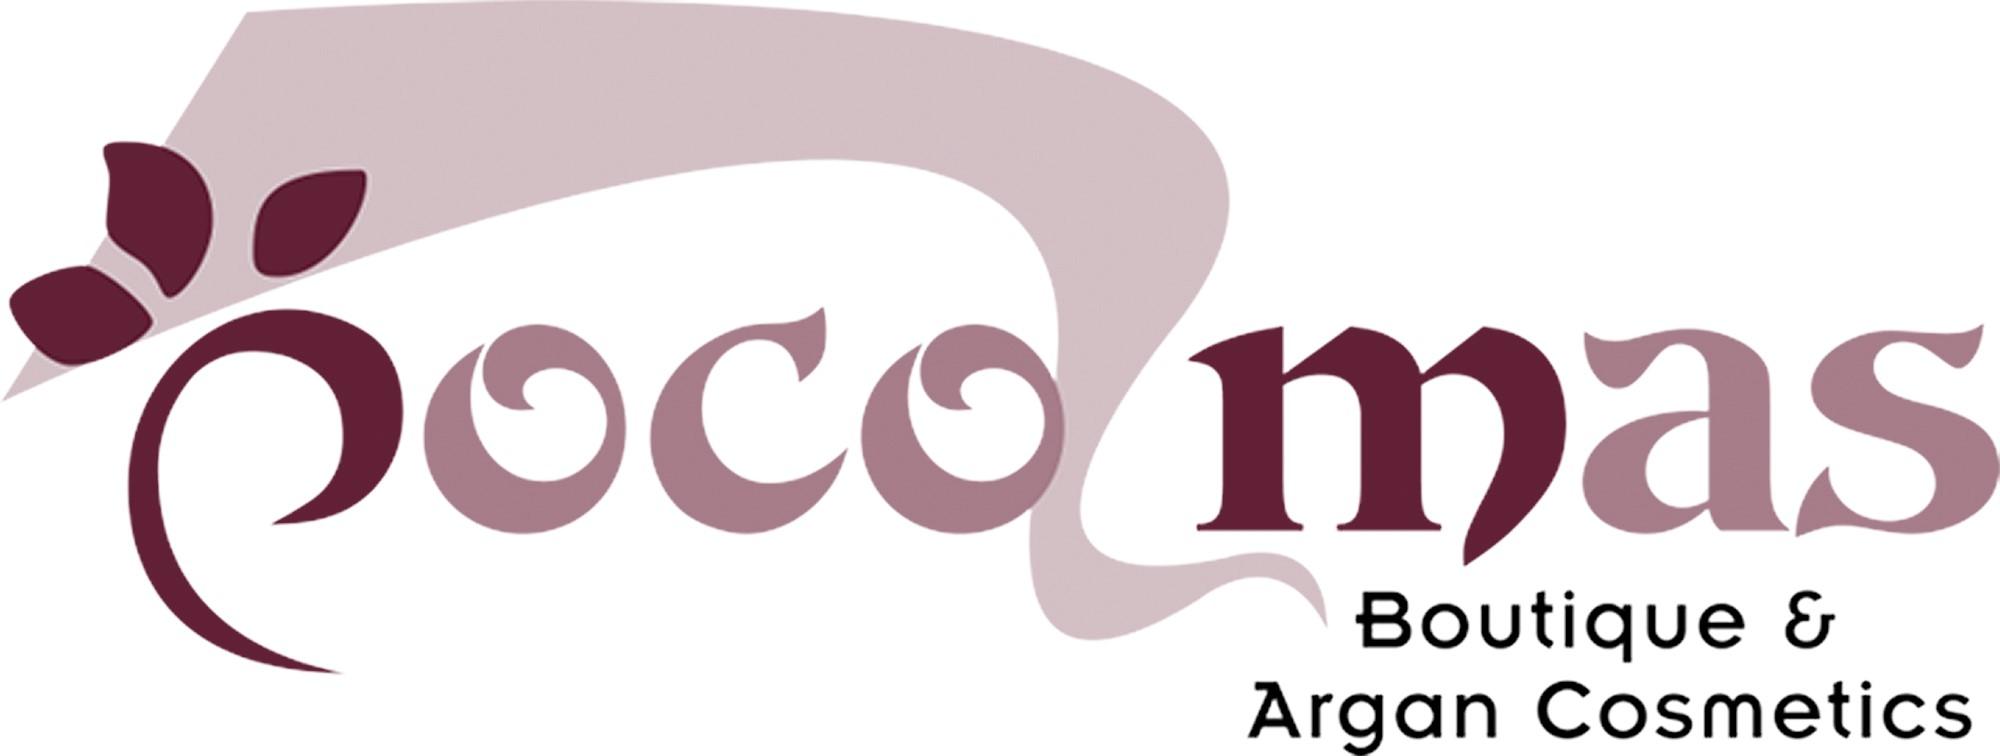 Coco mas